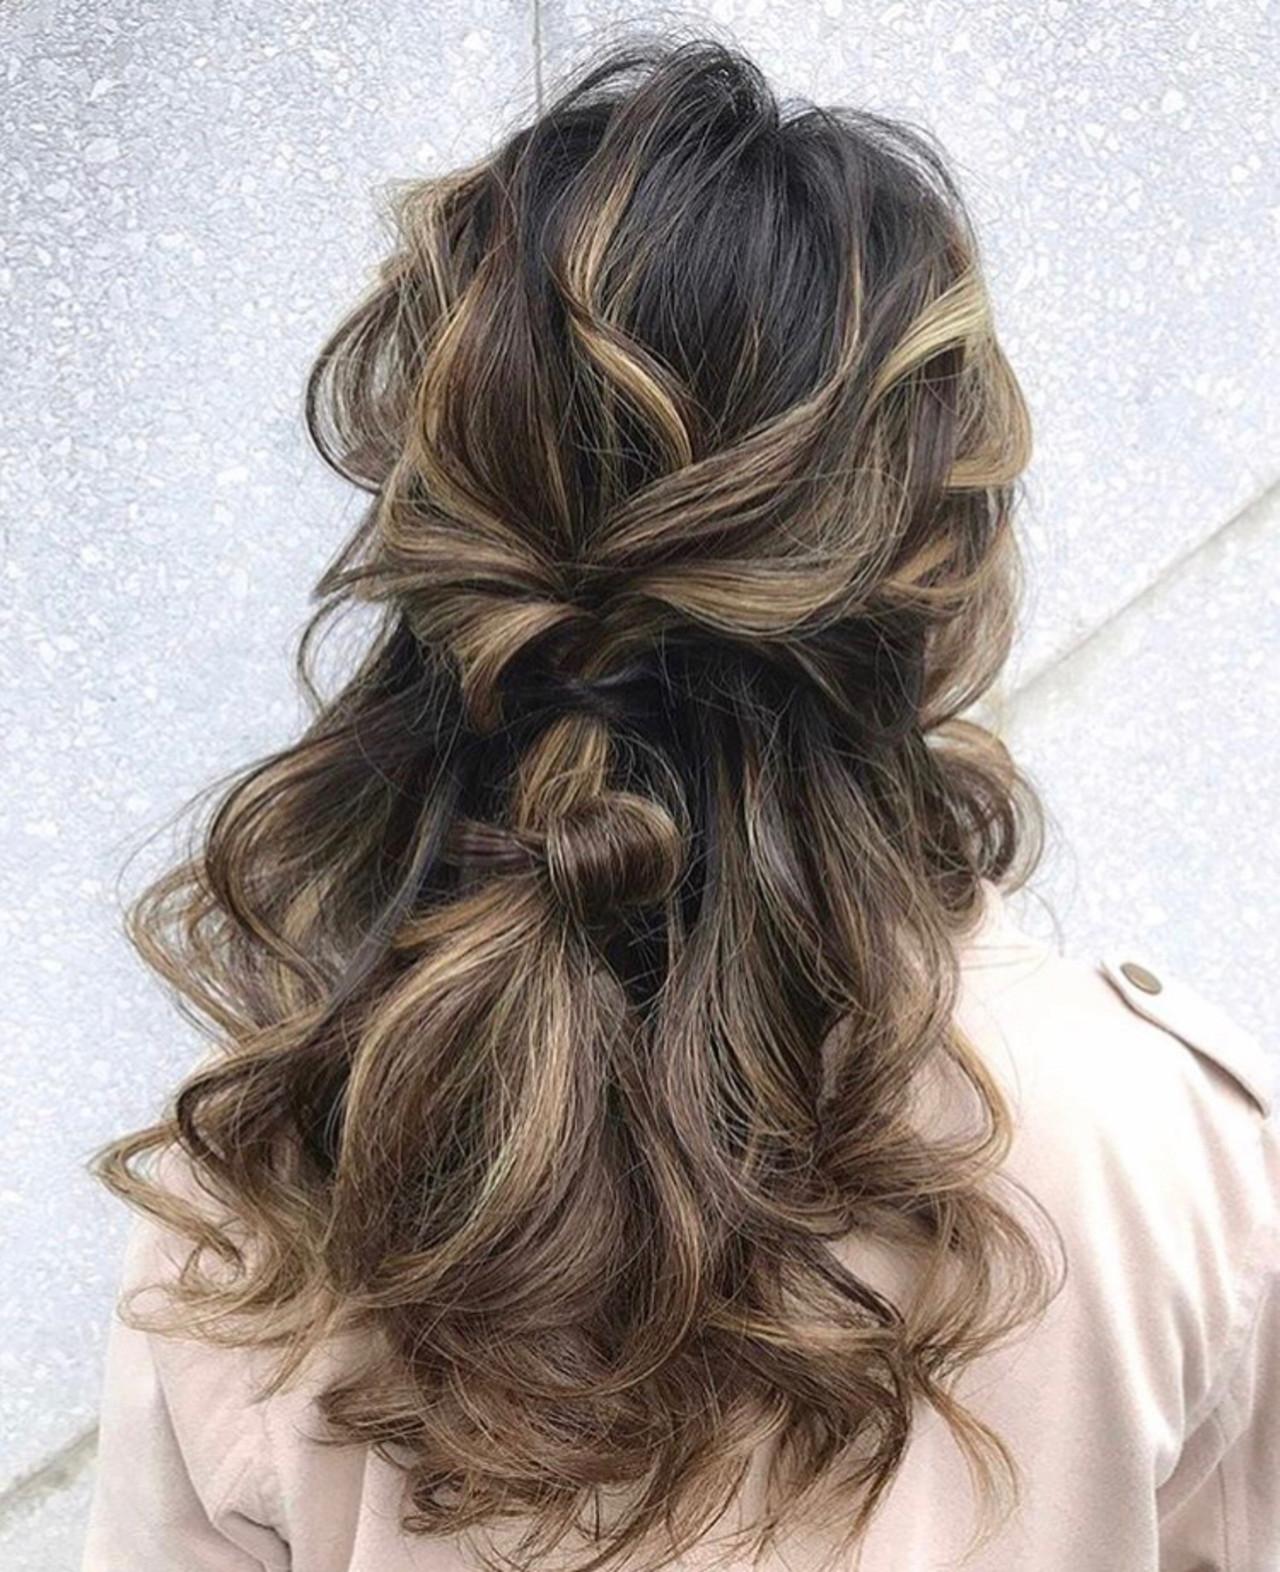 デート 成人式 エレガント ヘアアレンジ ヘアスタイルや髪型の写真・画像